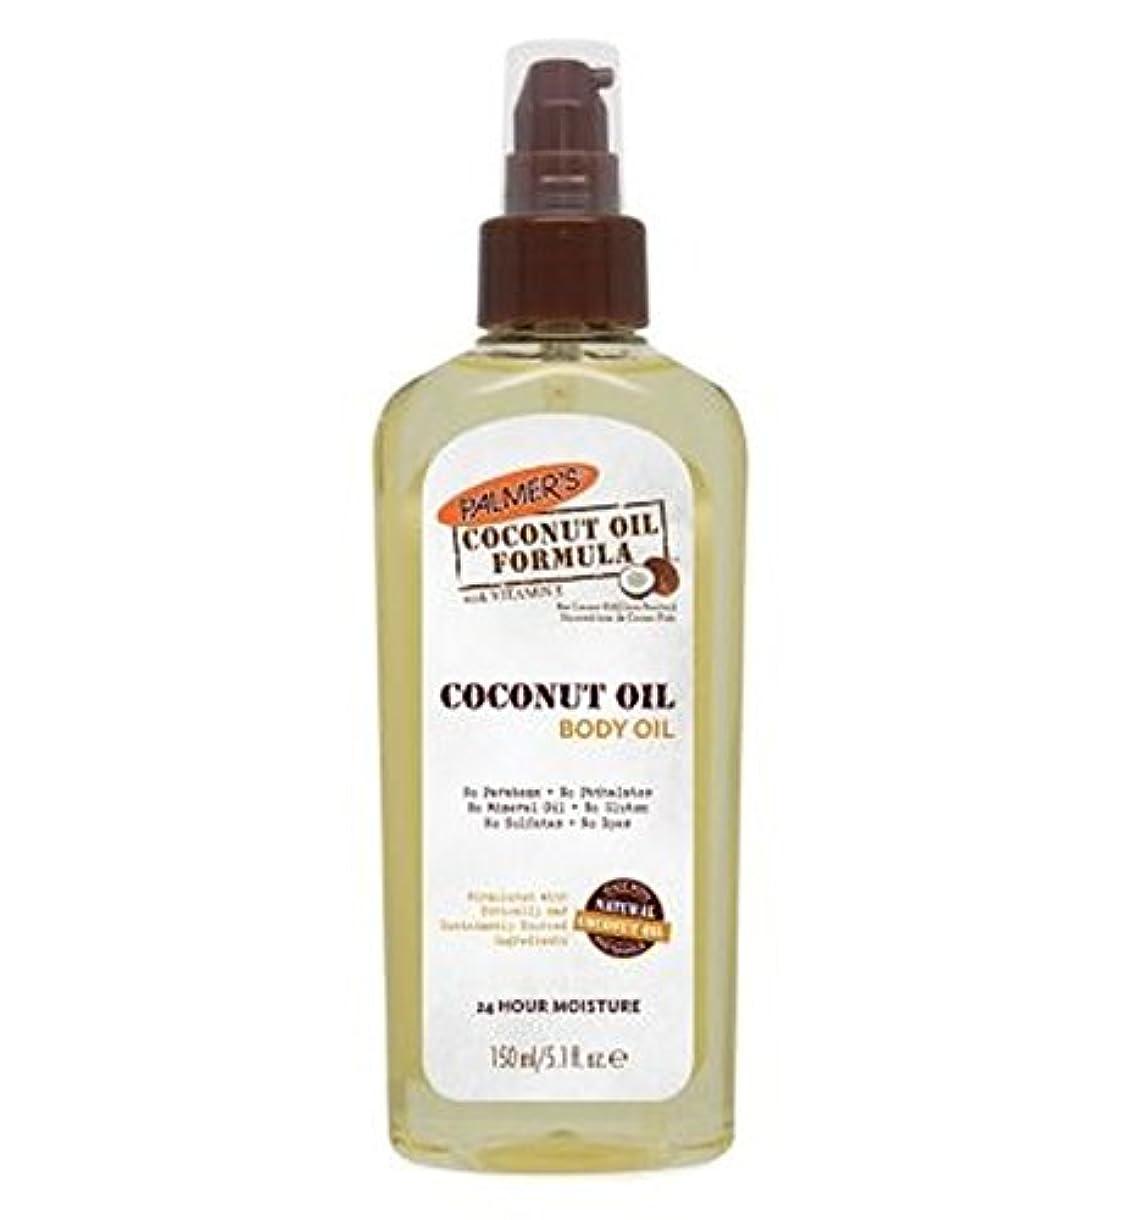 理容師純正合わせてPalmer's Coconut Oil Formula Body Oil 150ml - パーマーのココナッツオイル式ボディオイル150ミリリットル (Palmer's) [並行輸入品]